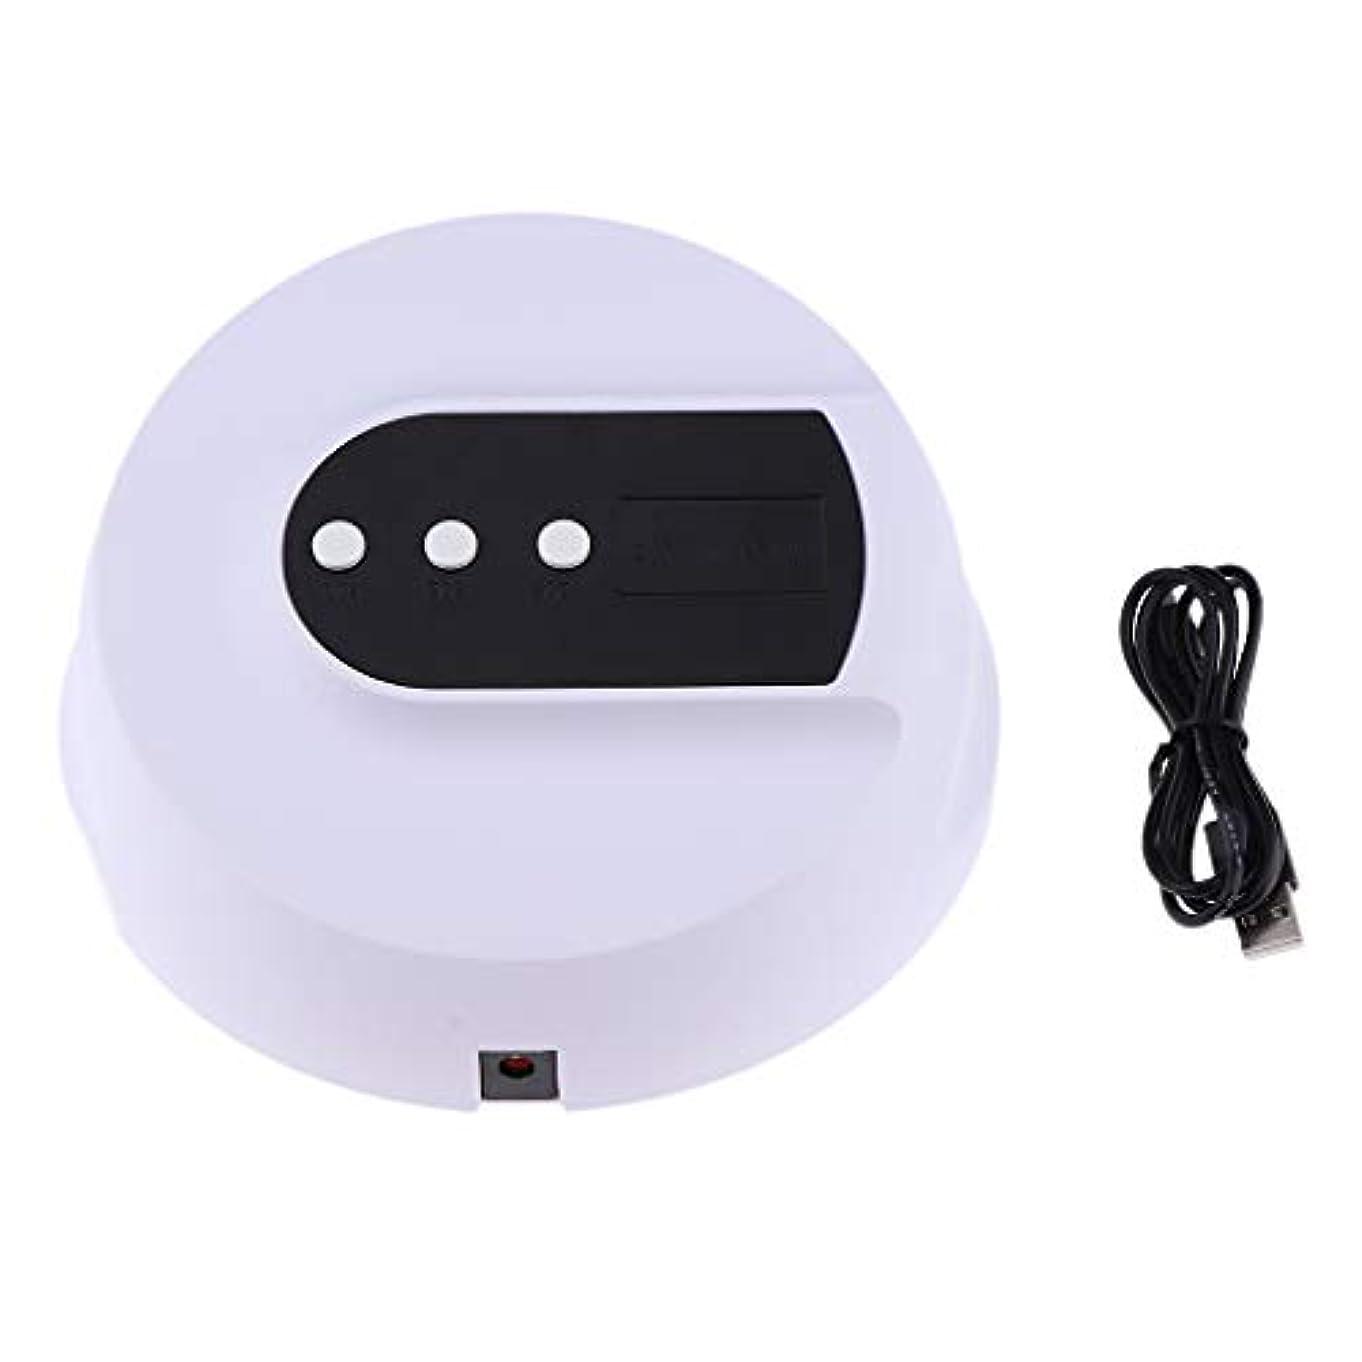 ディプロマ送料貧しいDYNWAVE 全3色 ネイルランプ ネイルドライヤー LEDライト UVネイルランプ ポリッシュ用 - 36W